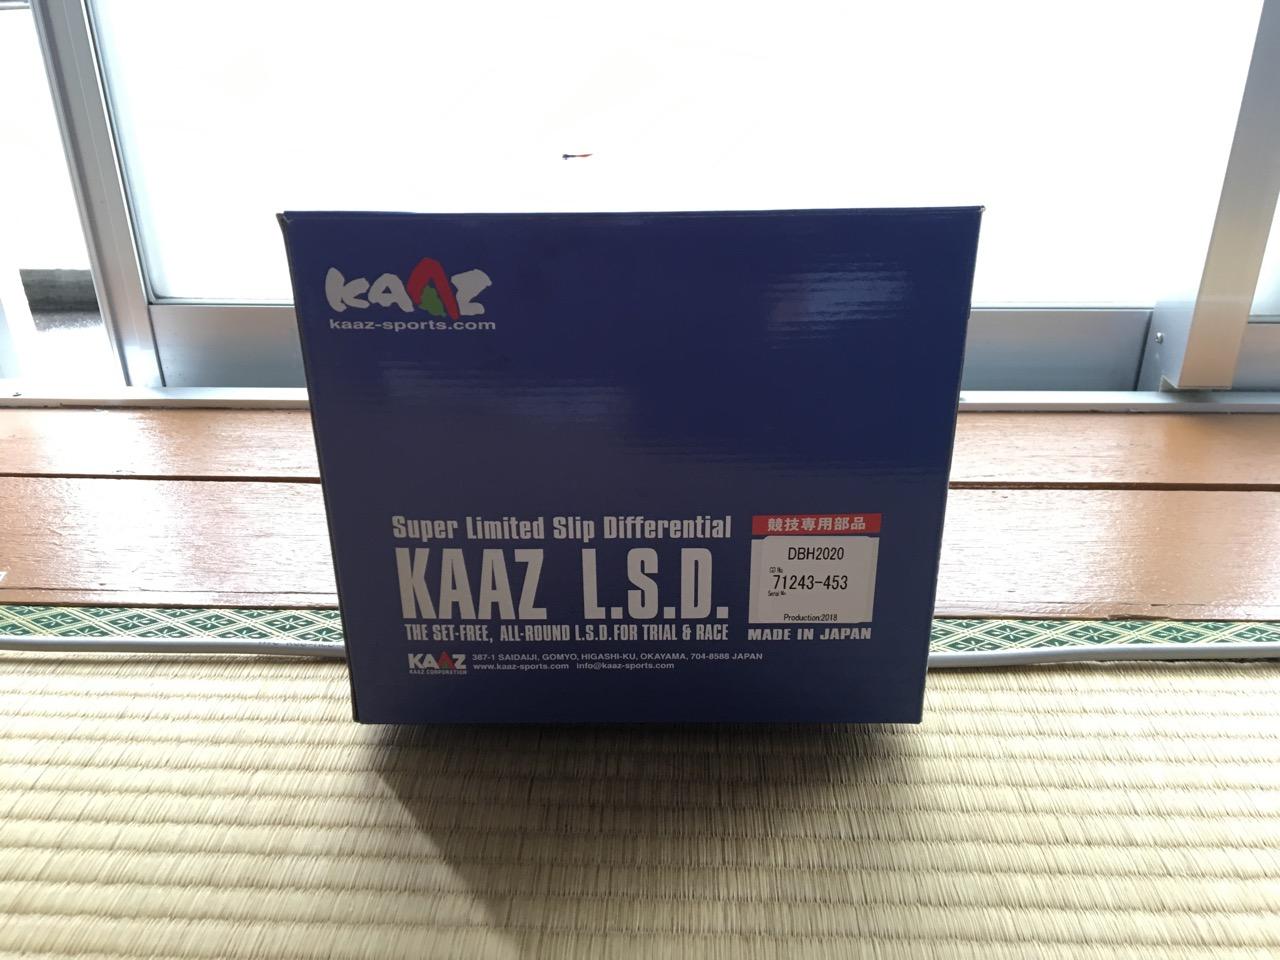 KAAZ LSD 1.5WAY